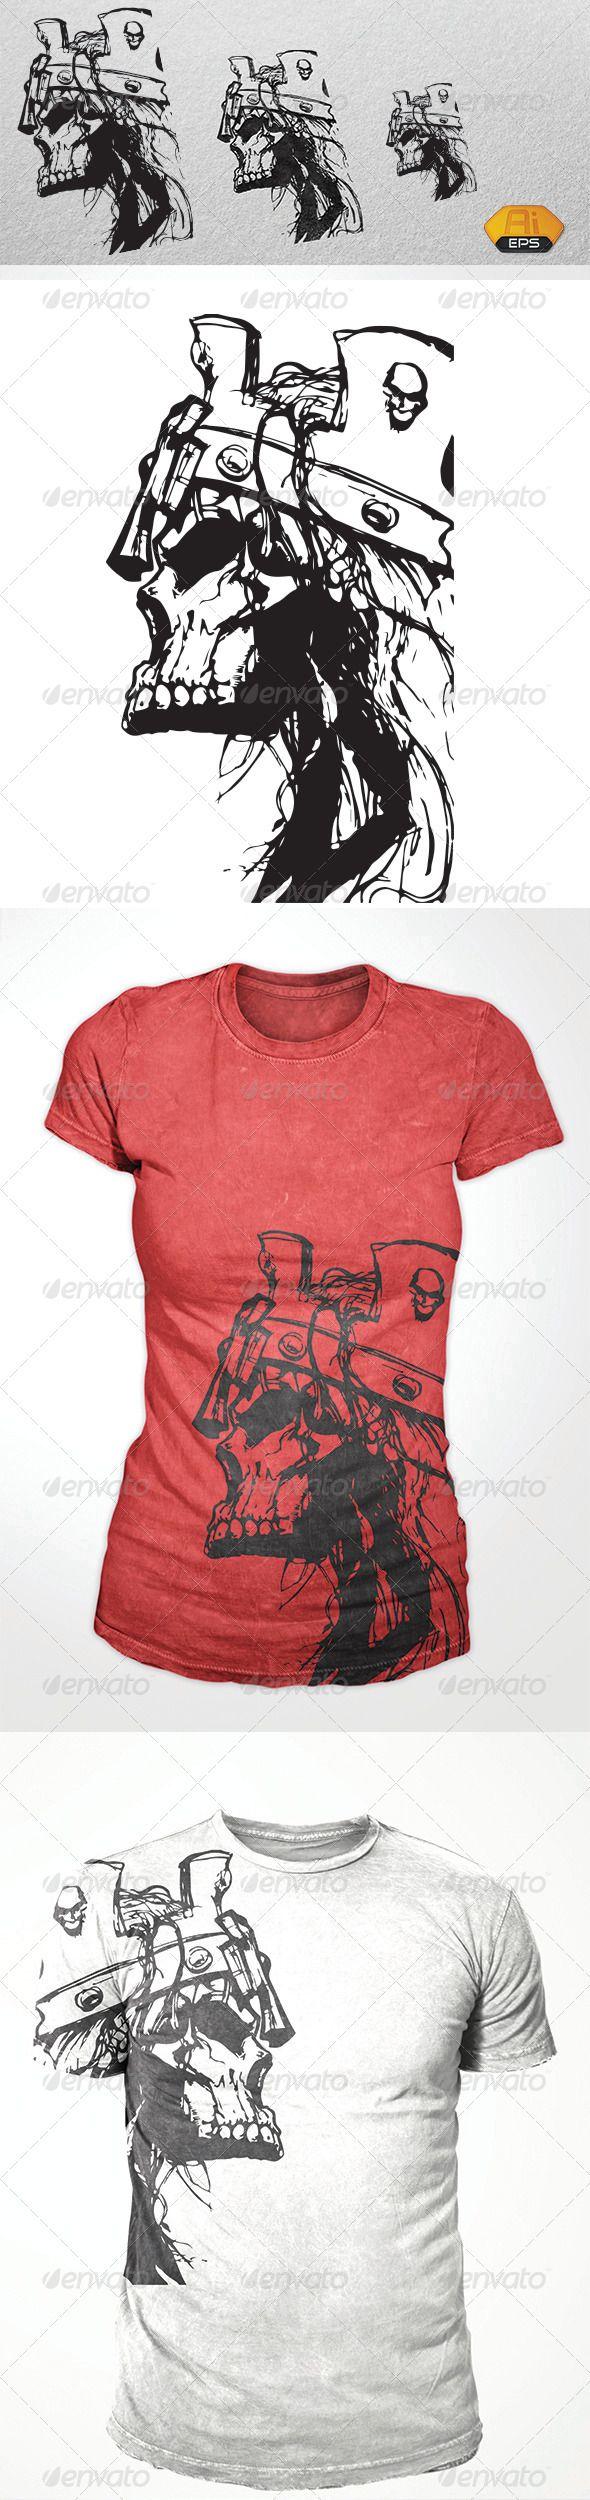 T shirt design jquery - Dead King Skull